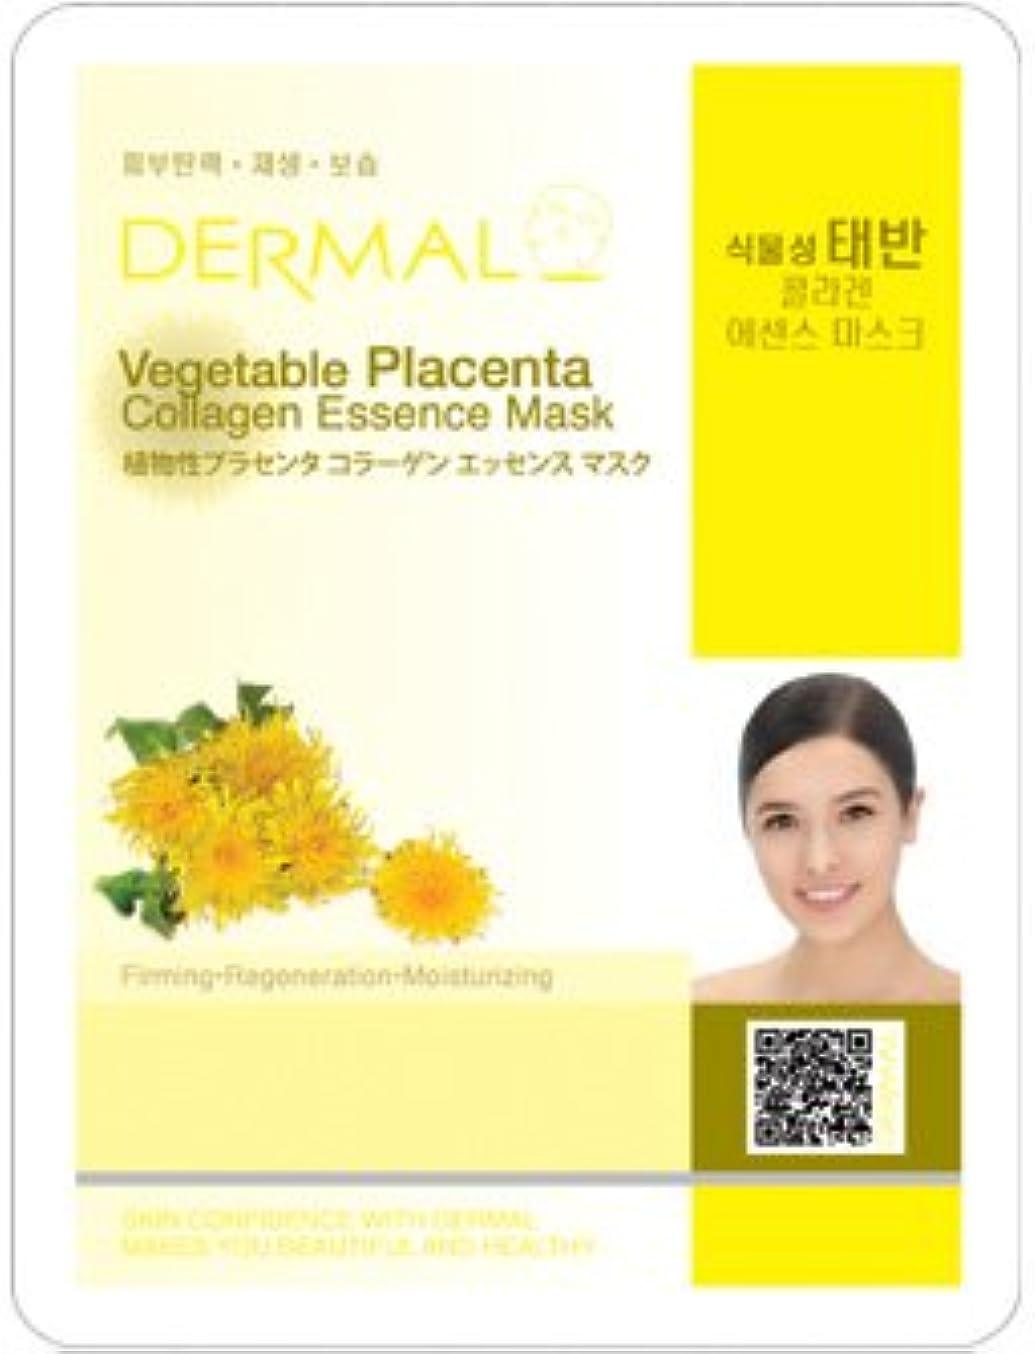 アナウンサー悪の事業内容シートマスク 植物性プラセンタ 100枚 セット ダーマル(Dermal) フェイス パック